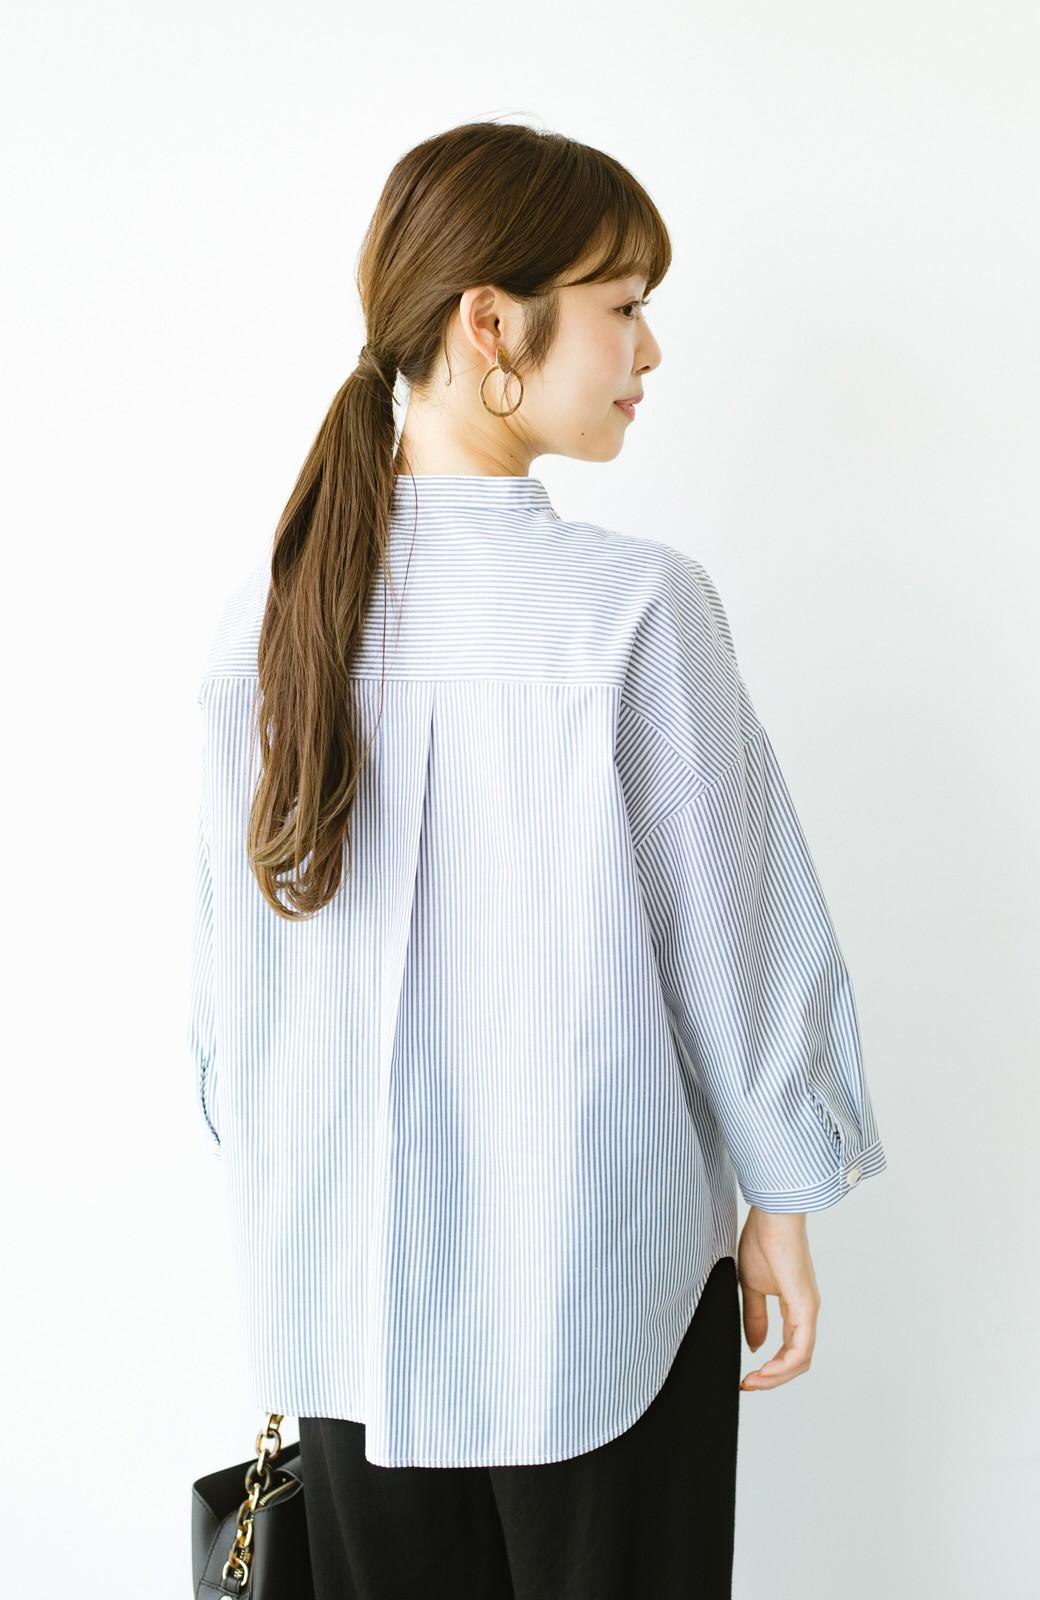 haco! 【あまる肩幅党】肩幅広めがなんのその! きちんと見えて肩まわりゆったりの定番スタンドカラーシャツ <ストライプ>の商品写真18